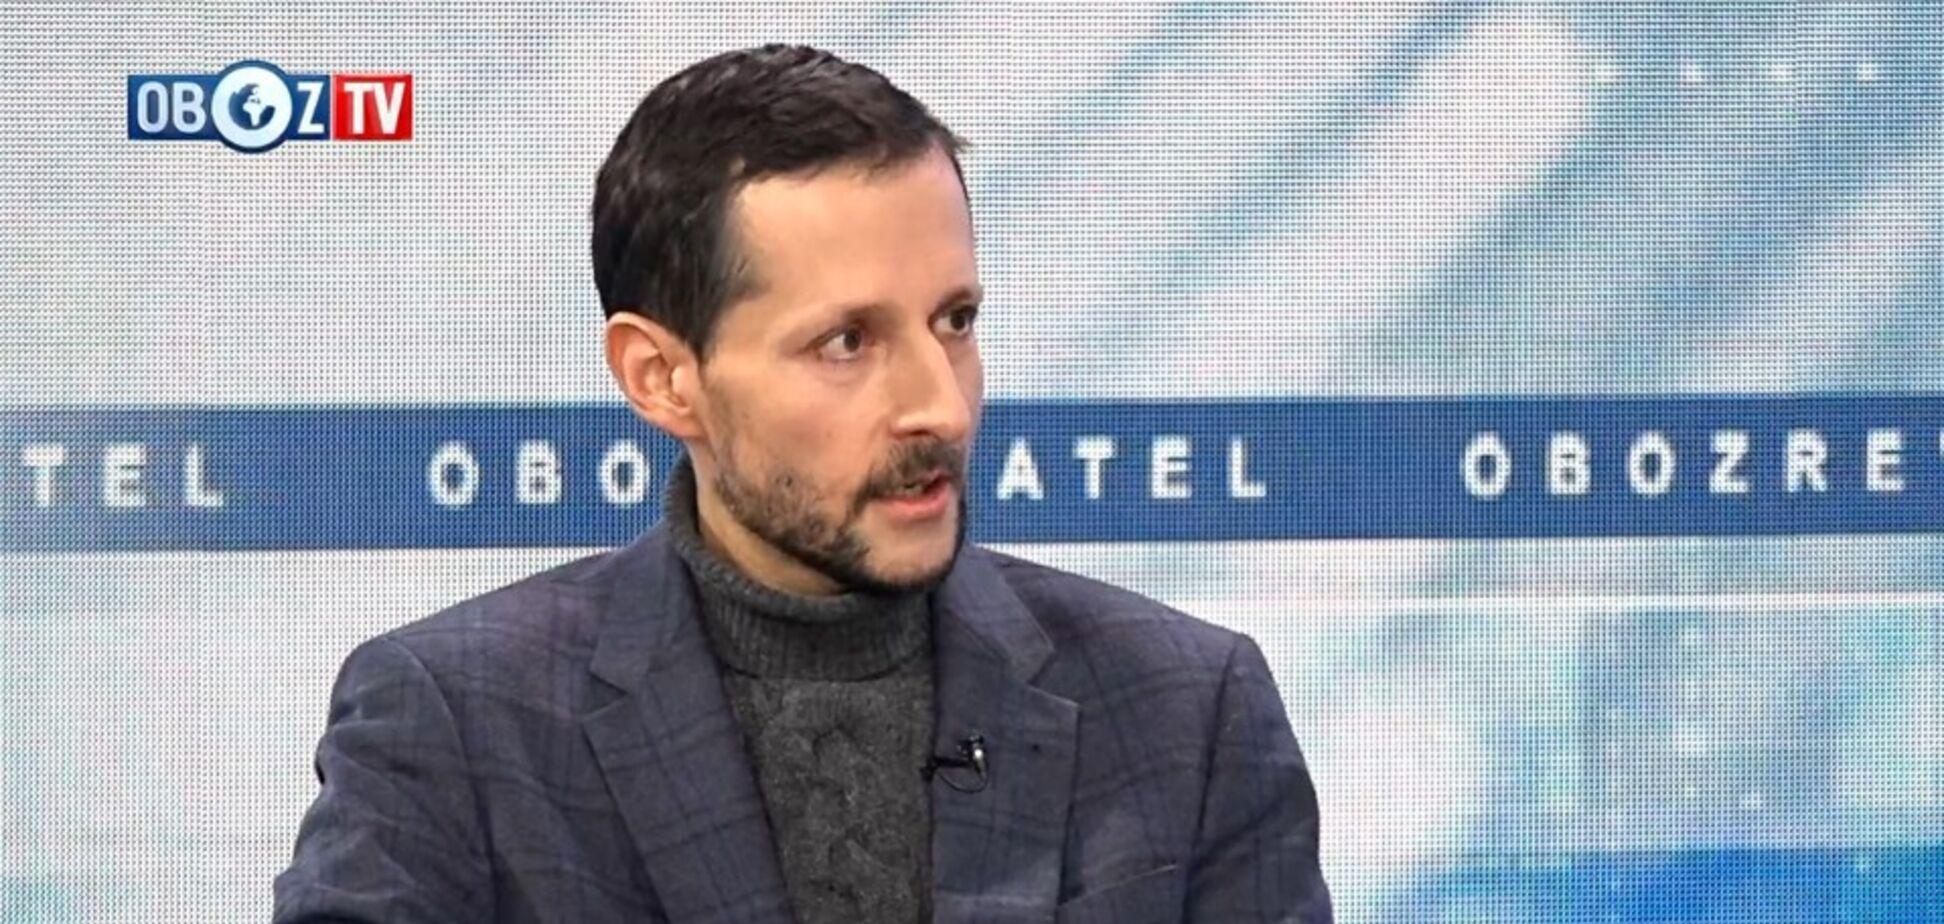 Команда президента працює неефективно: соціолог про рейтинг Зеленського